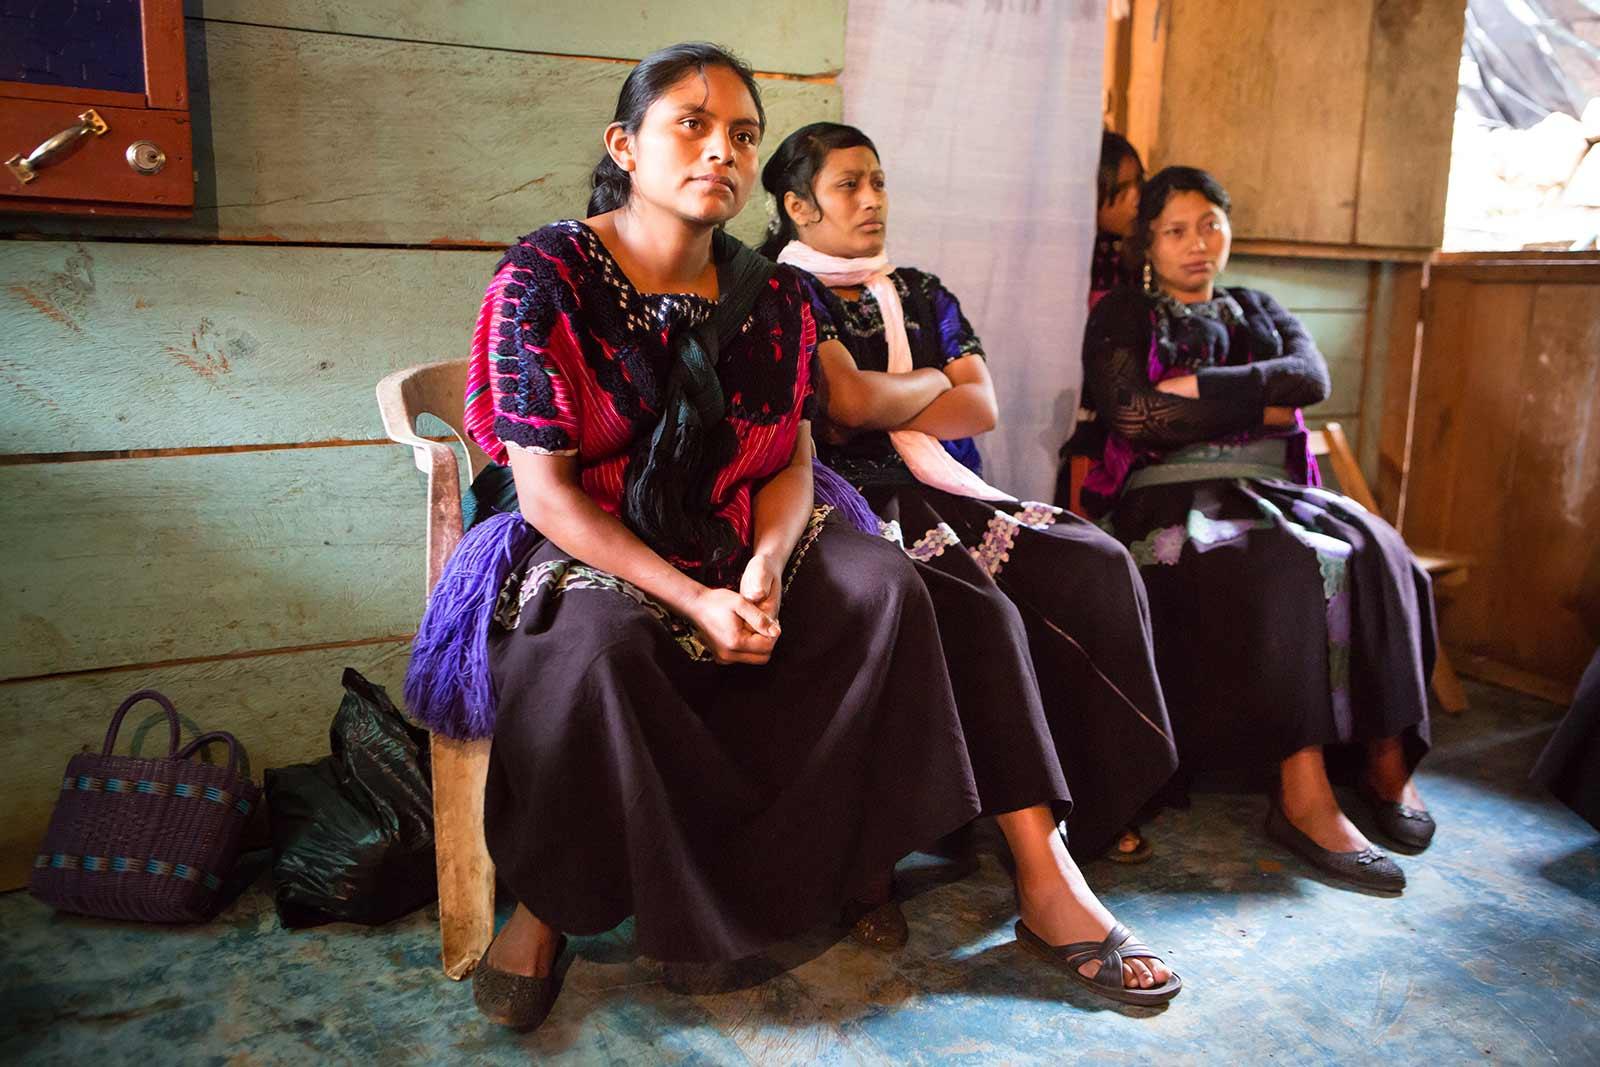 Las mujeres están aprendiendo a tejer para, juntas, vender sus productos al turismo y generar recursos que les garanticen una vida digna en su comunidad.